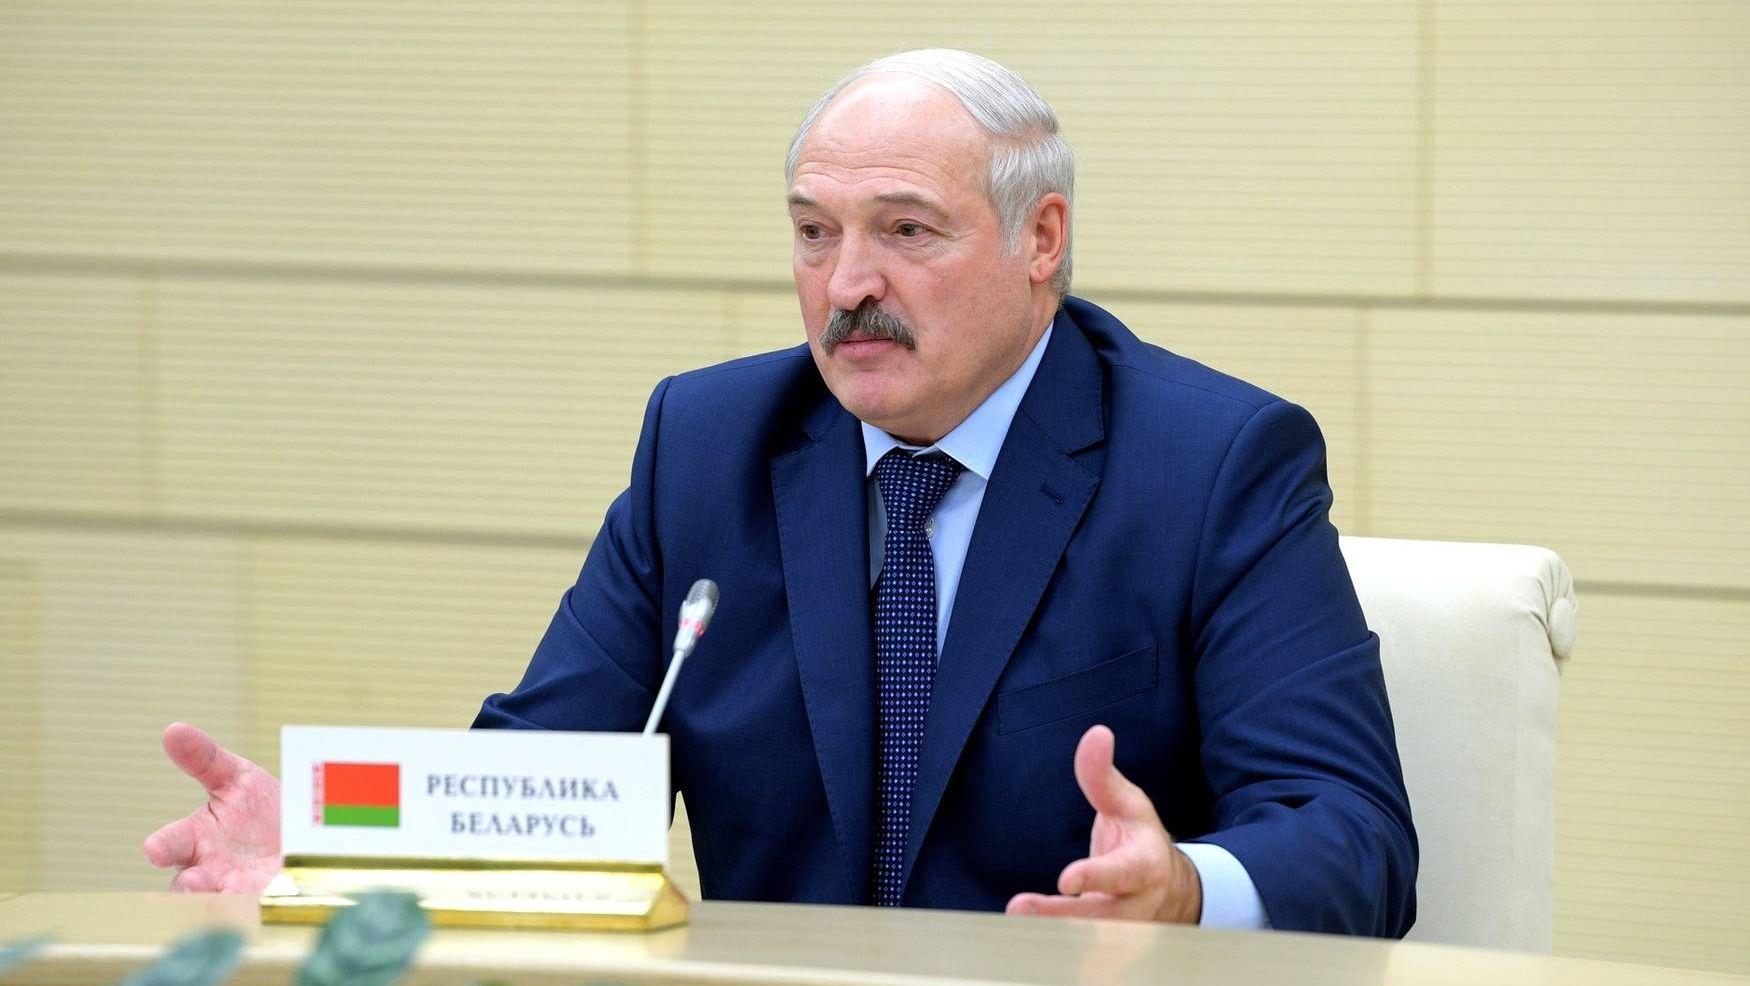 Кучинскис встретился сЛукашенко и объявил, что ожидает «ускорения отношений»